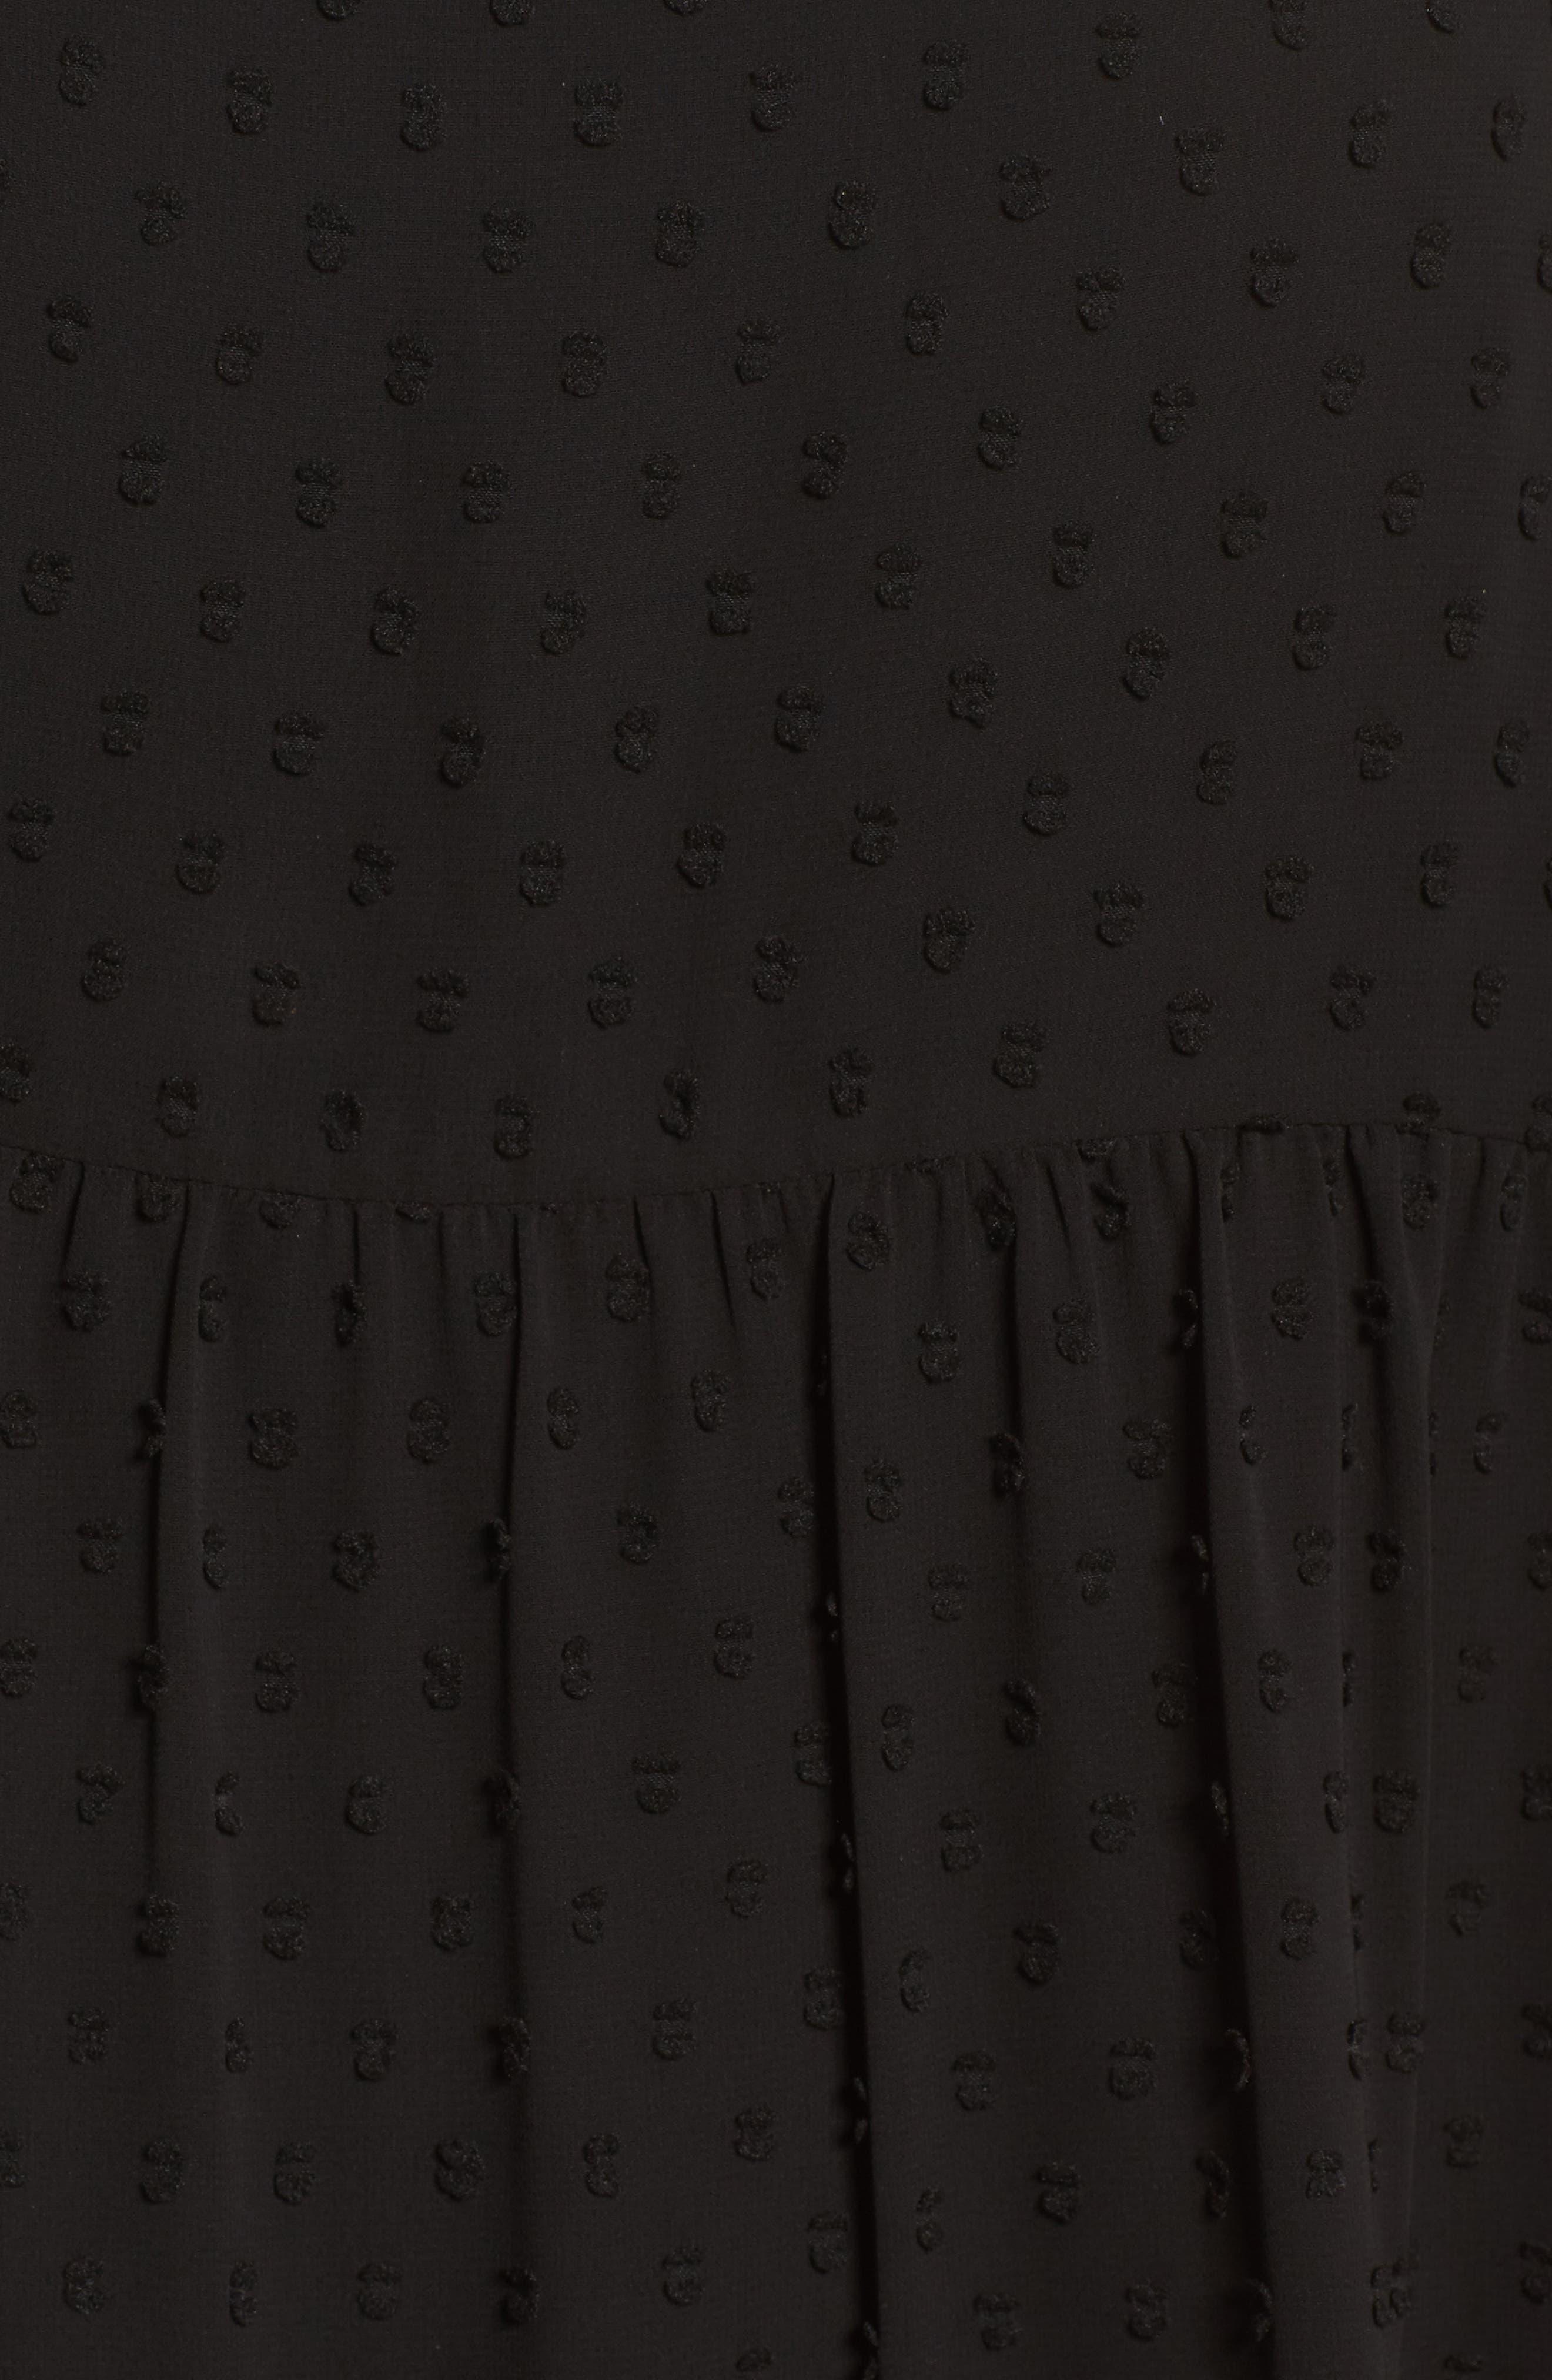 Bryden Minidress,                             Alternate thumbnail 4, color,                             Black